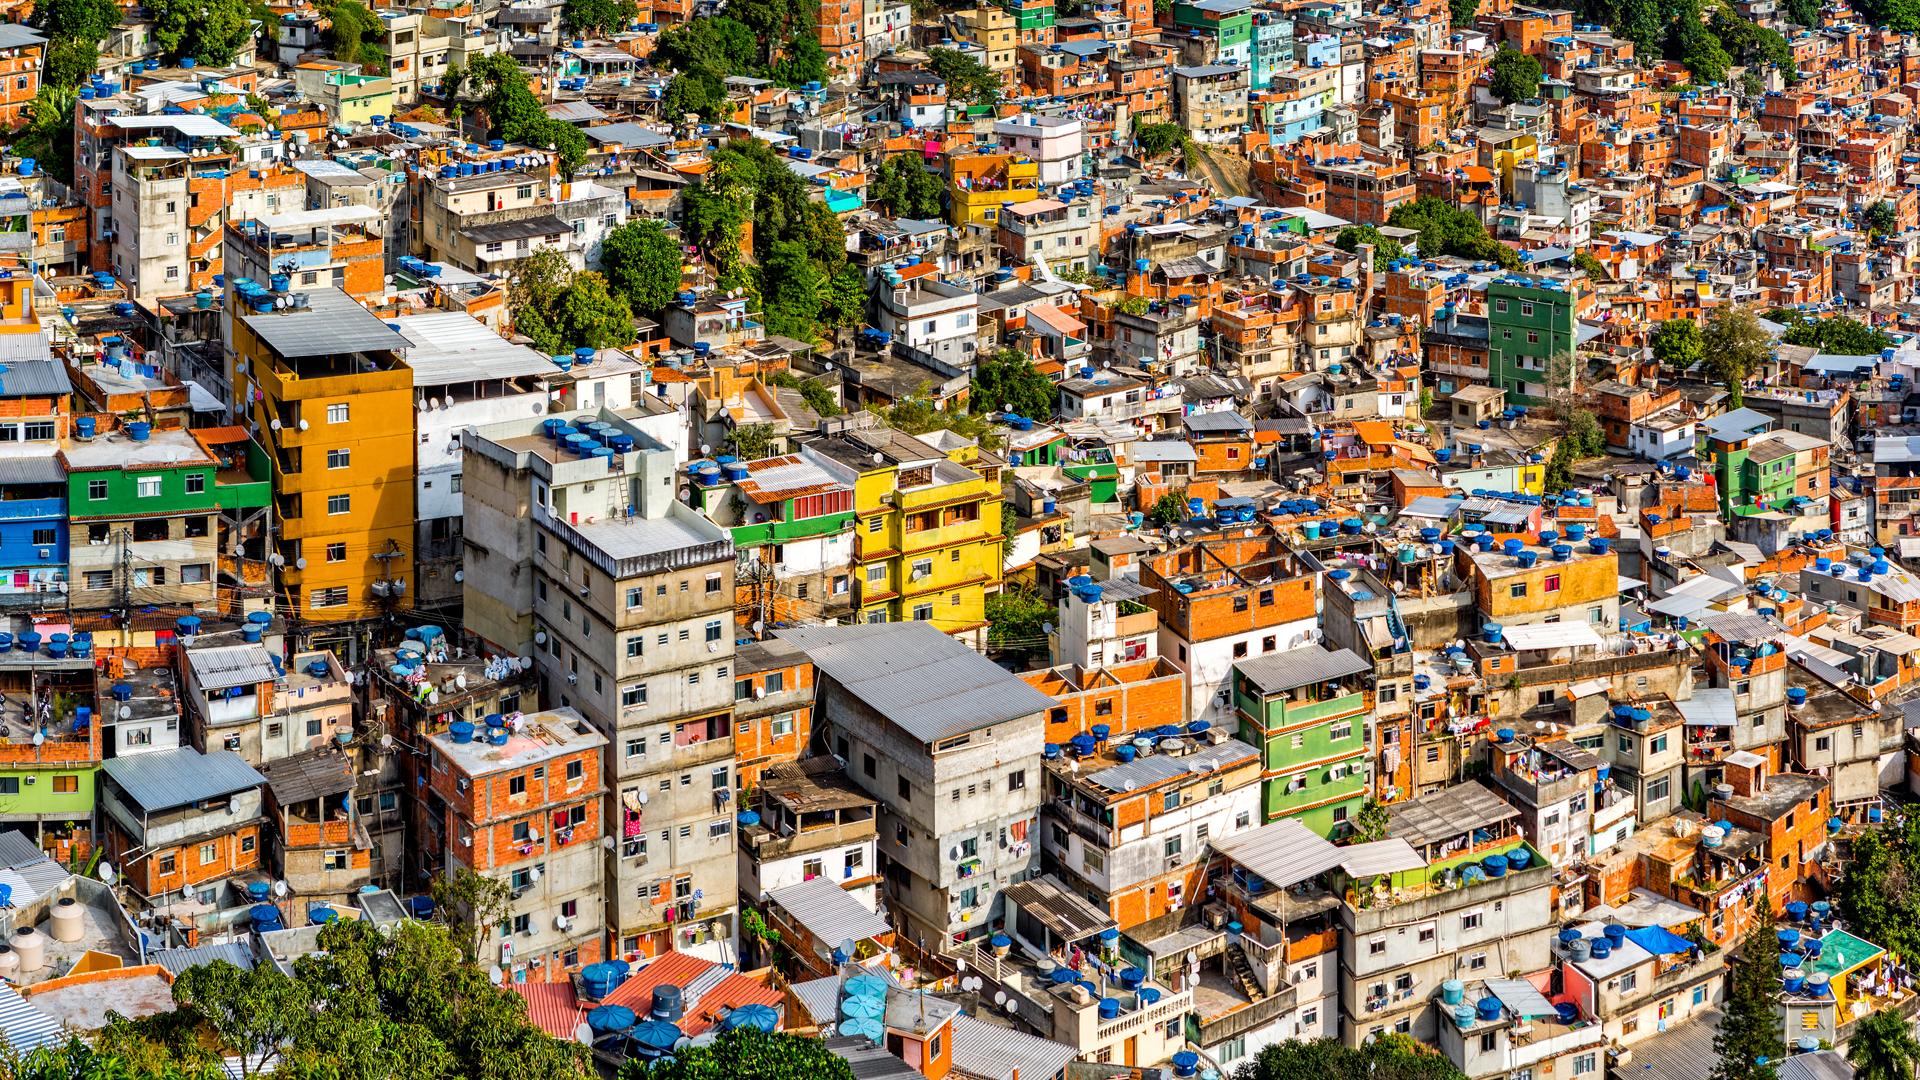 La ciudad de Río de Janeiro y sus infinitas favelas están llenas de colores. Los amarillos, naranjas y verdes predominan en los barrios (iStock)